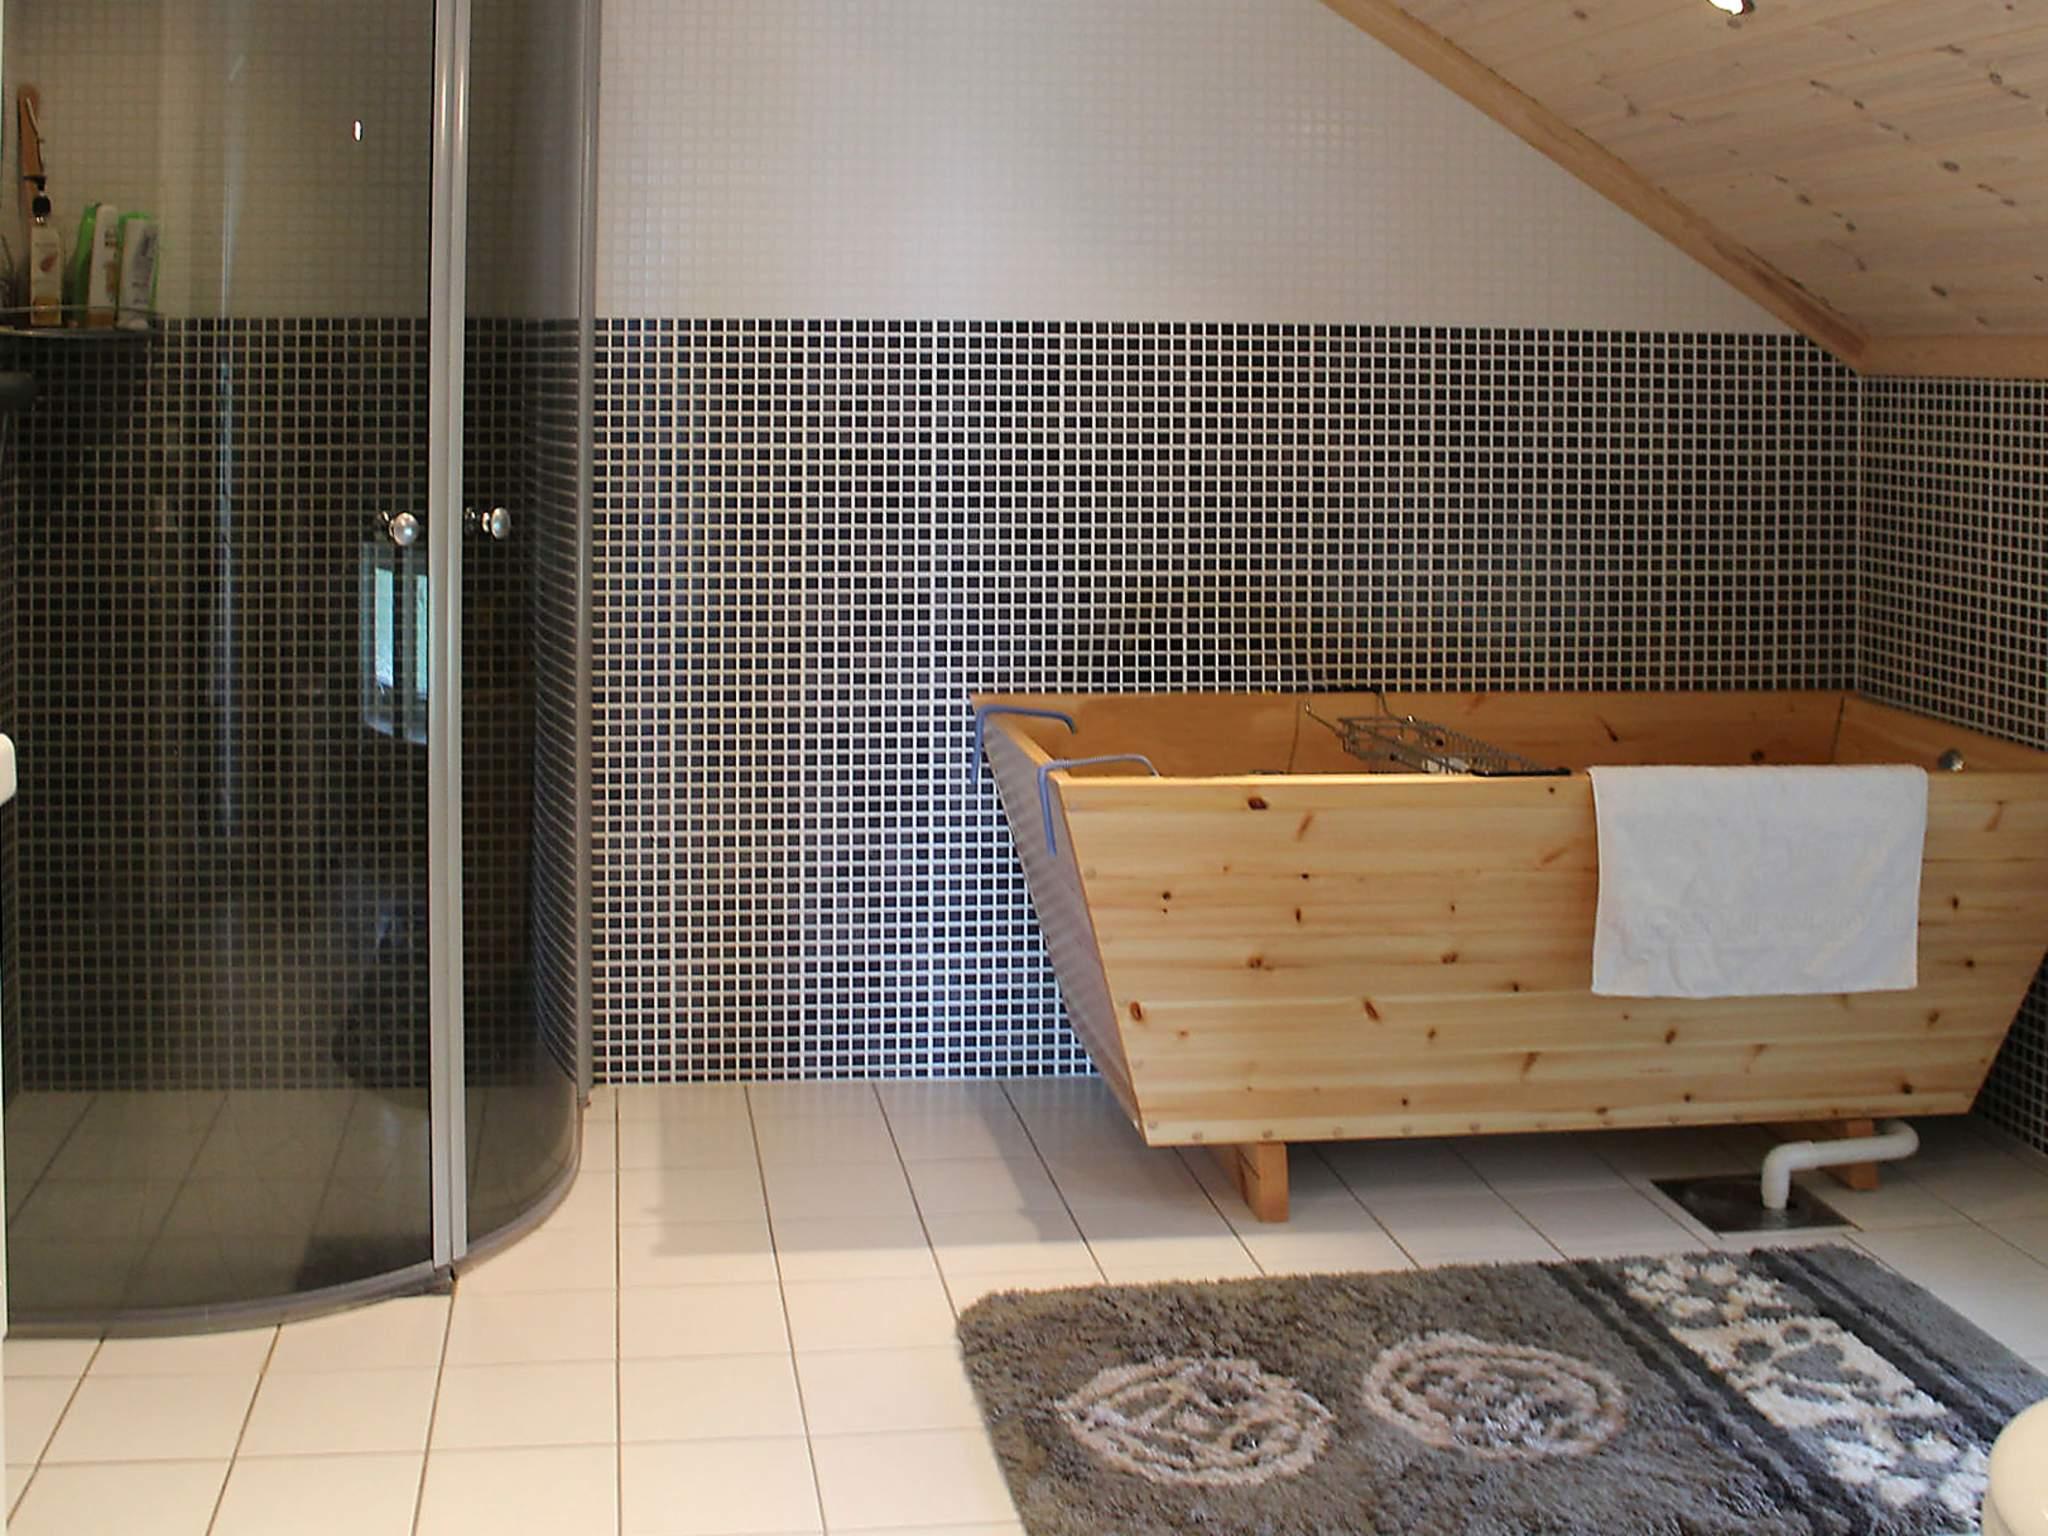 Ferienhaus Eksjö (642218), Hult, Jönköpings län, Südschweden, Schweden, Bild 21